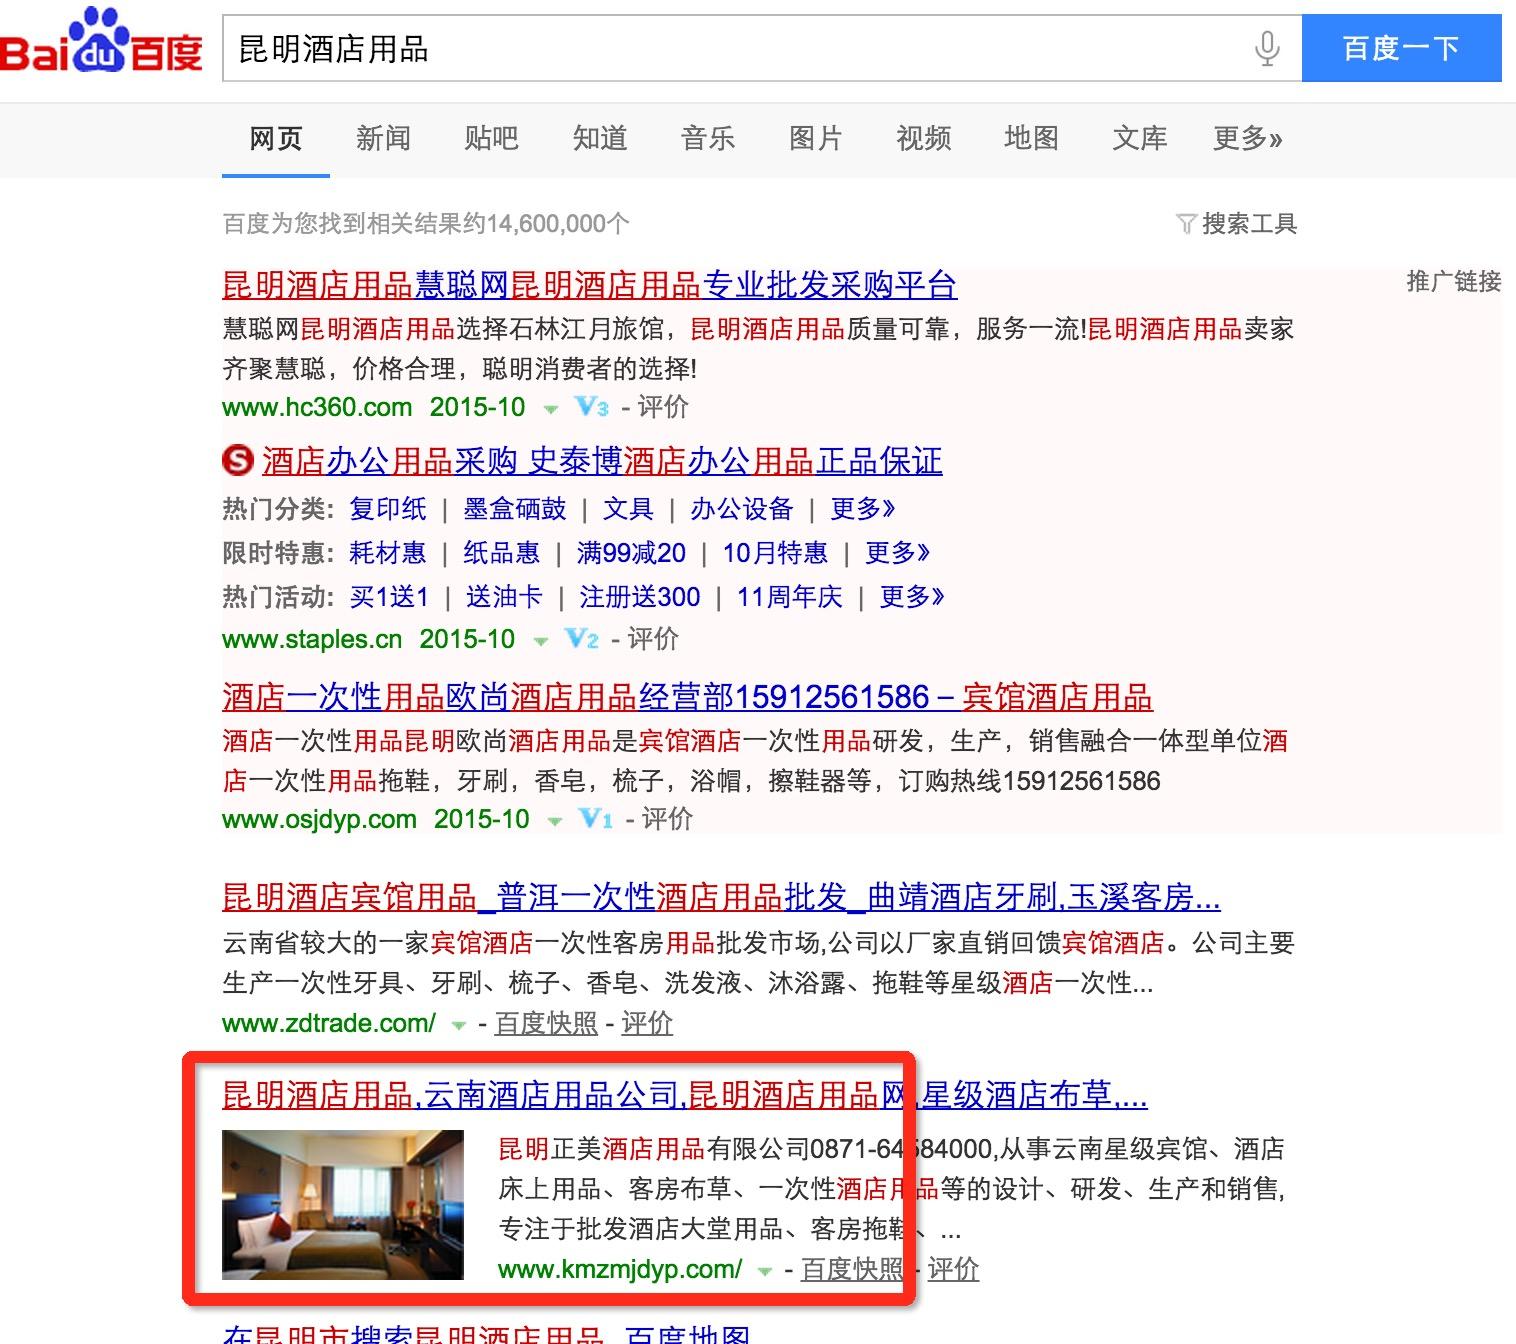 昆明正美酒店用品有限公司网站优化找东莞富海360服务